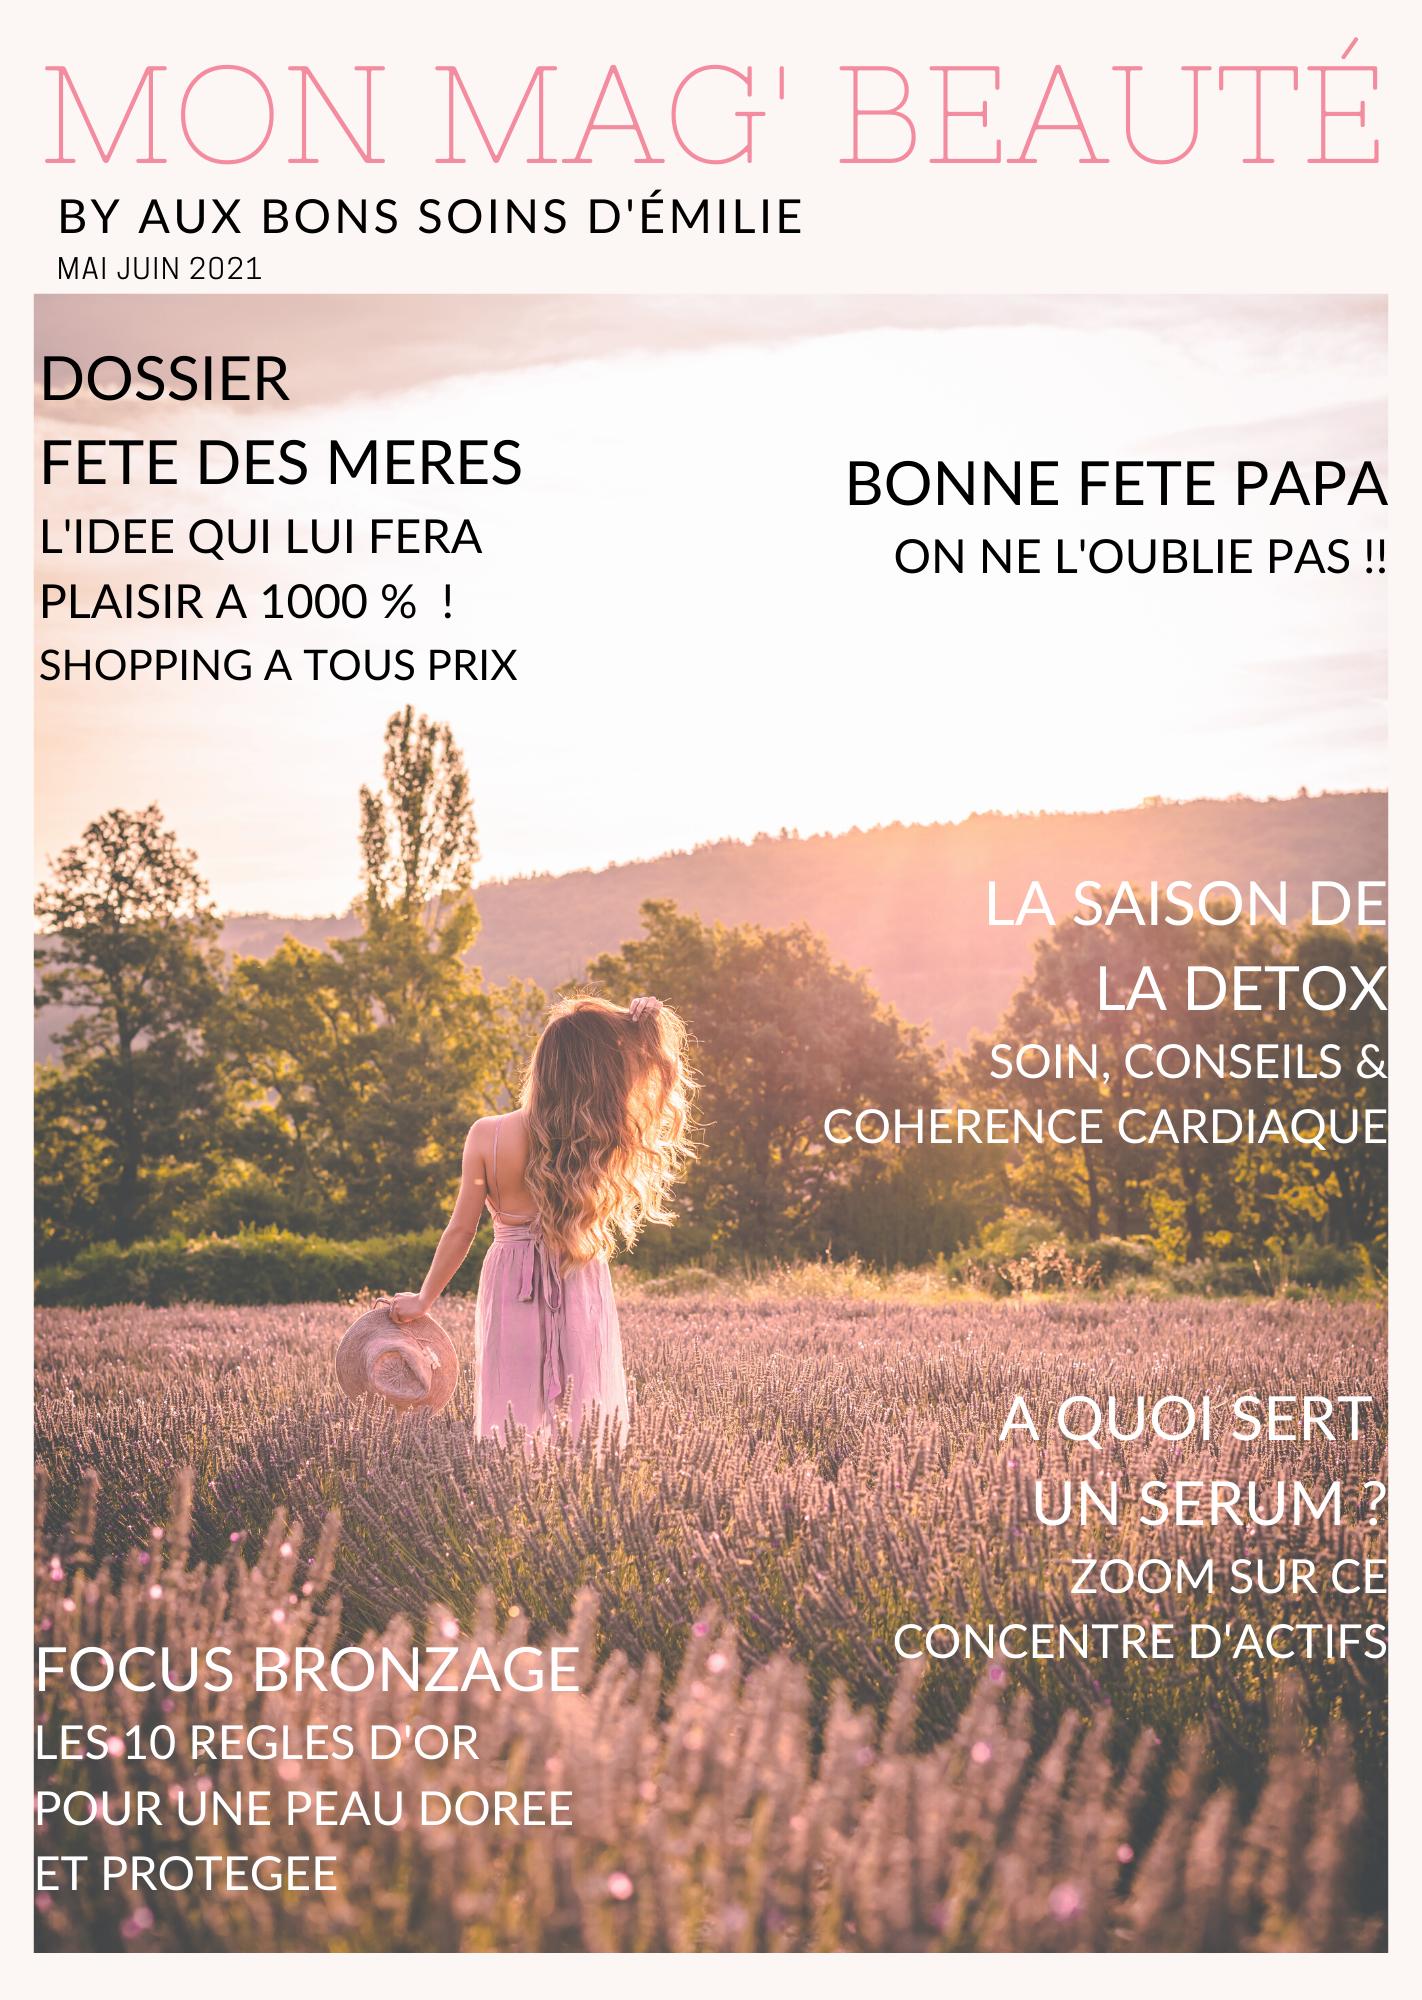 Mon Mag' Beauté, by Aux Bons Soins d'Emilie